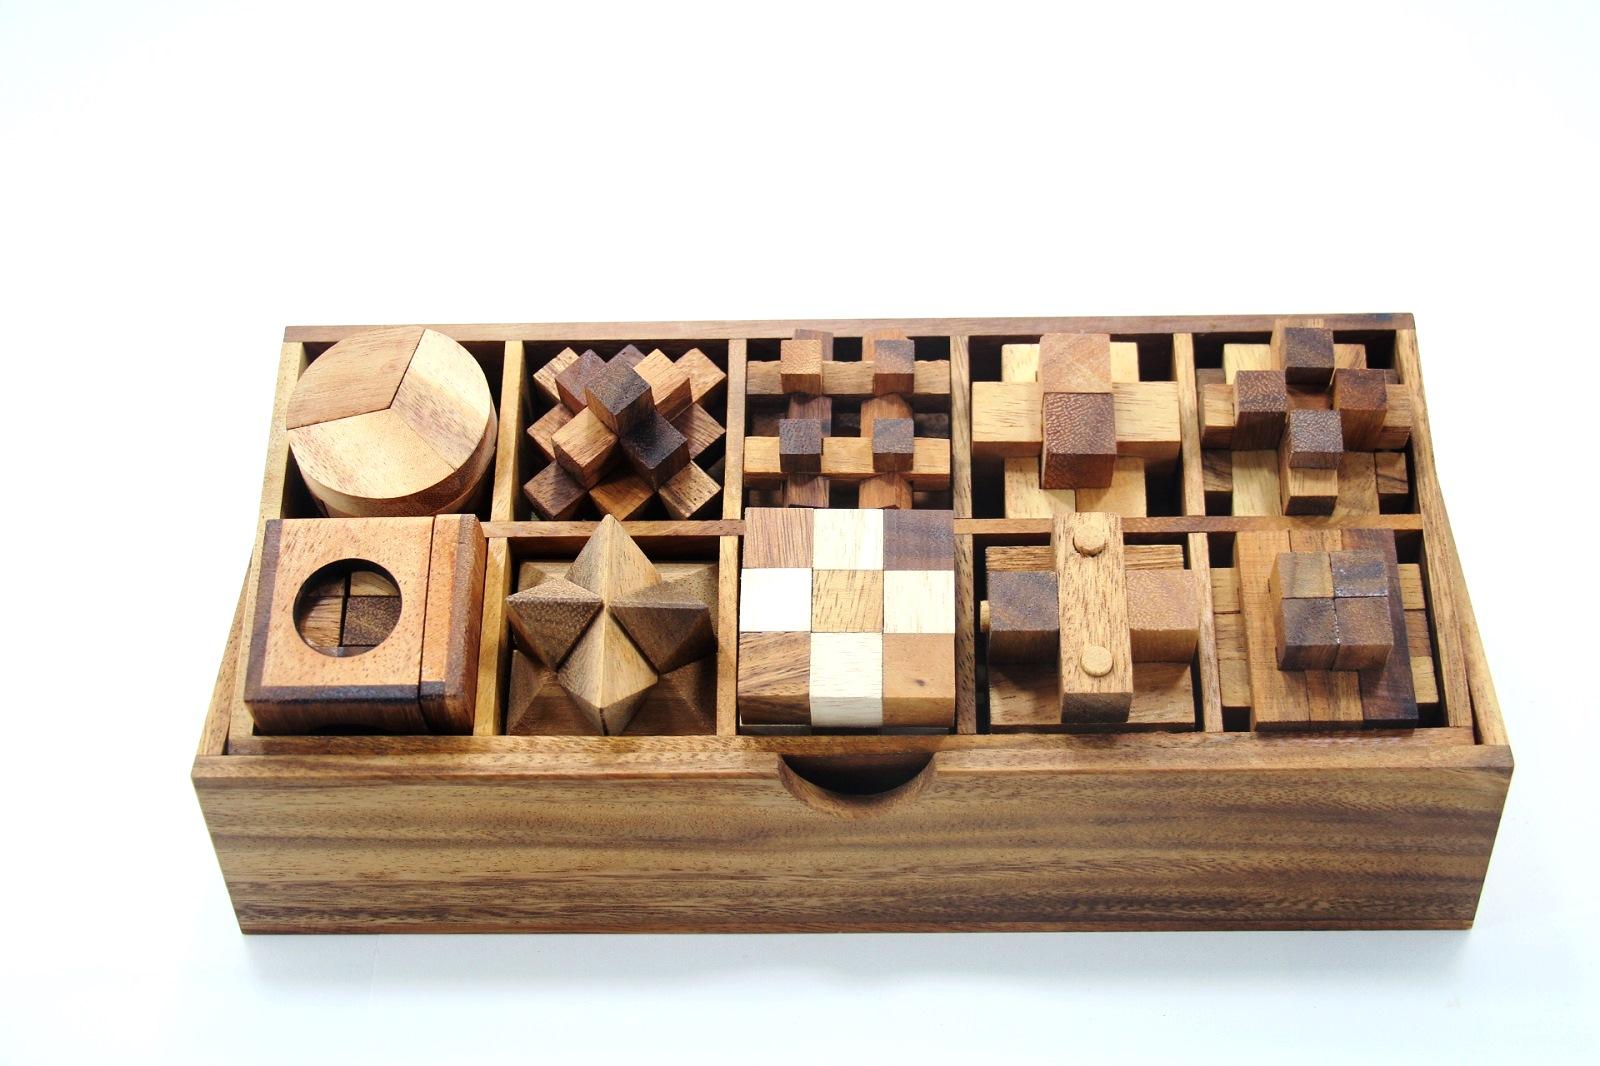 เกมส์ไม้เซต 10 ชิ้น ของเล่นเสริมพัฒนาการ เกมส์ฝึกสมอง ของเล่นไม้